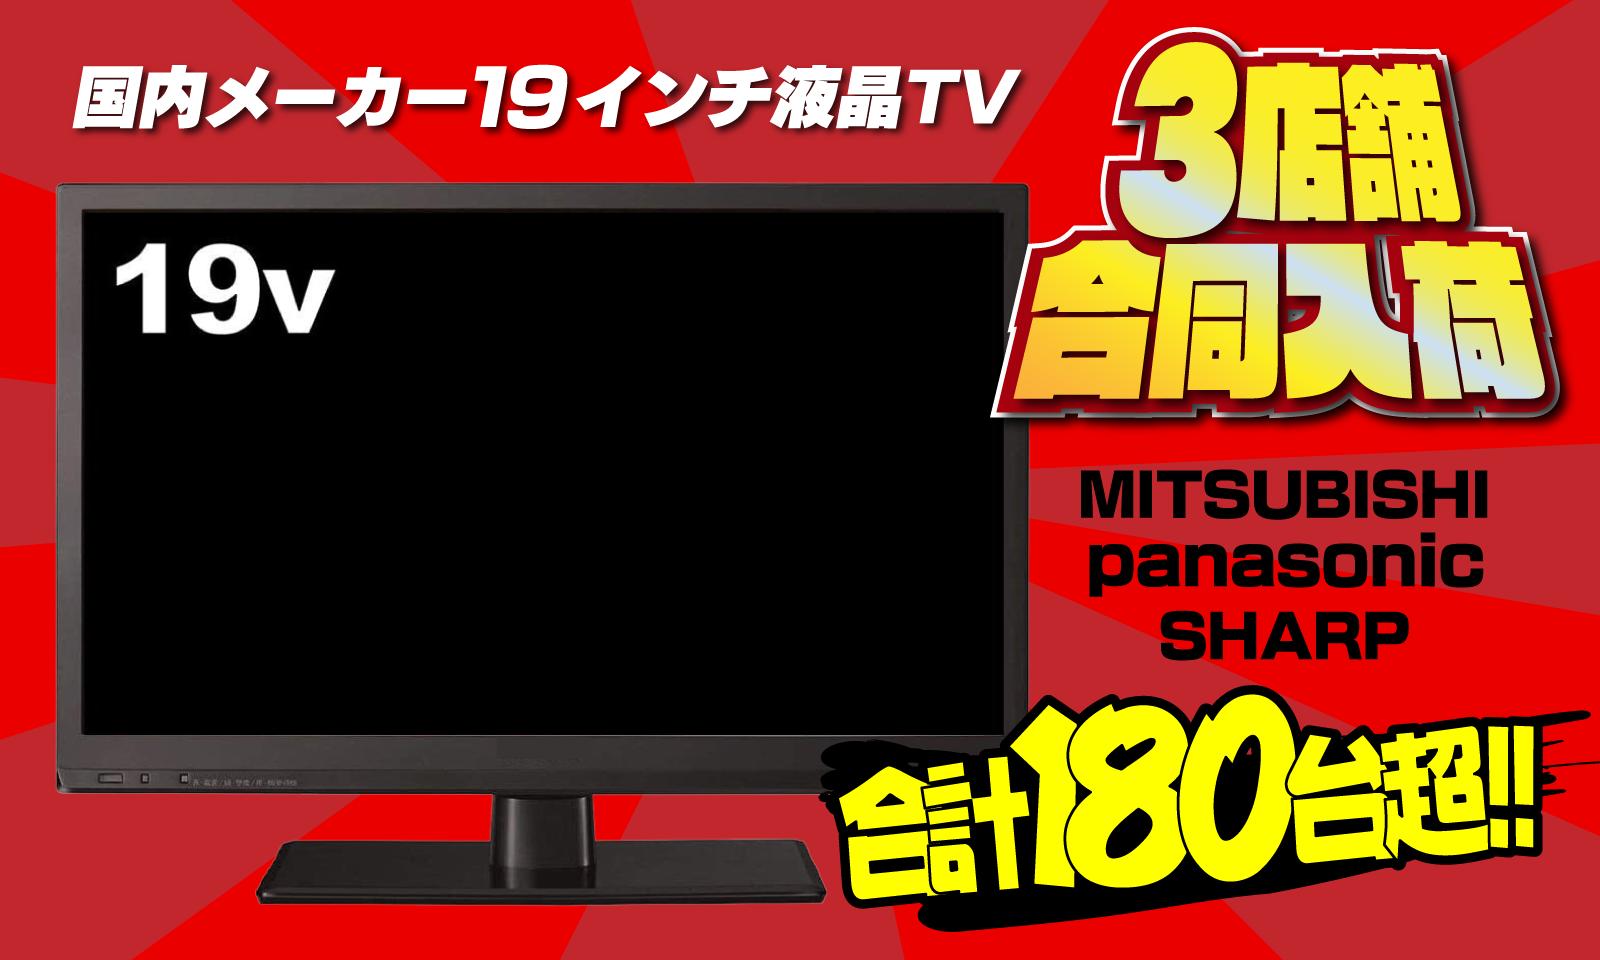 3店舗合同入荷 TV180台